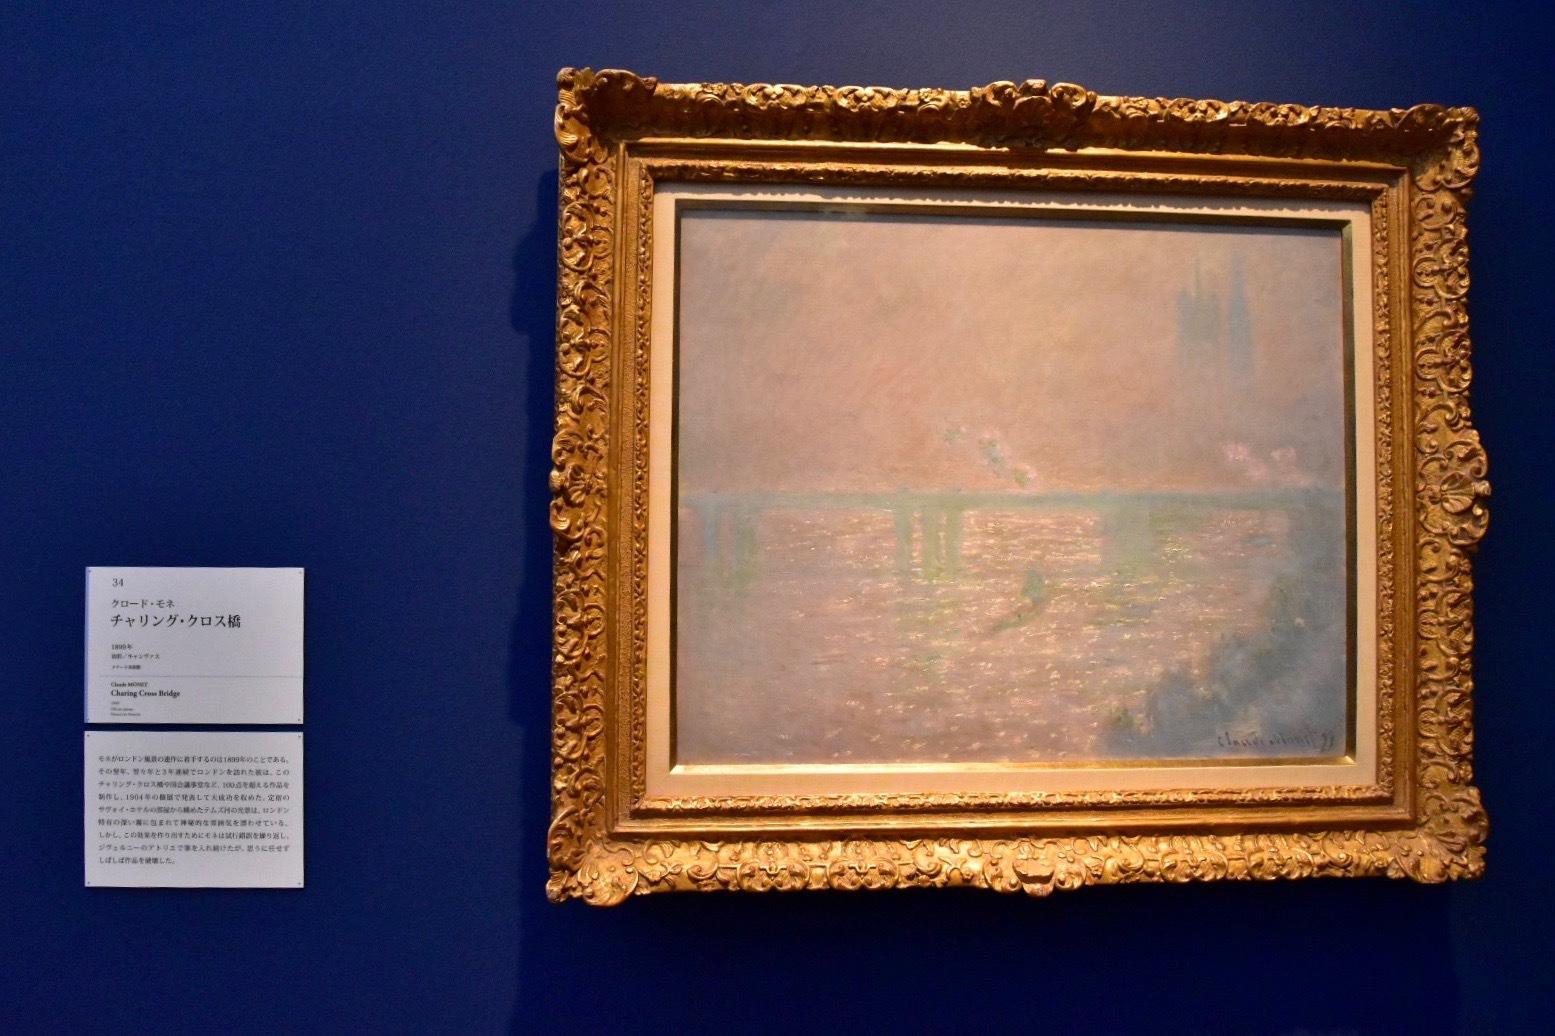 クロード・モネ 《チャリング・クロス橋》1899年 メナード美術館